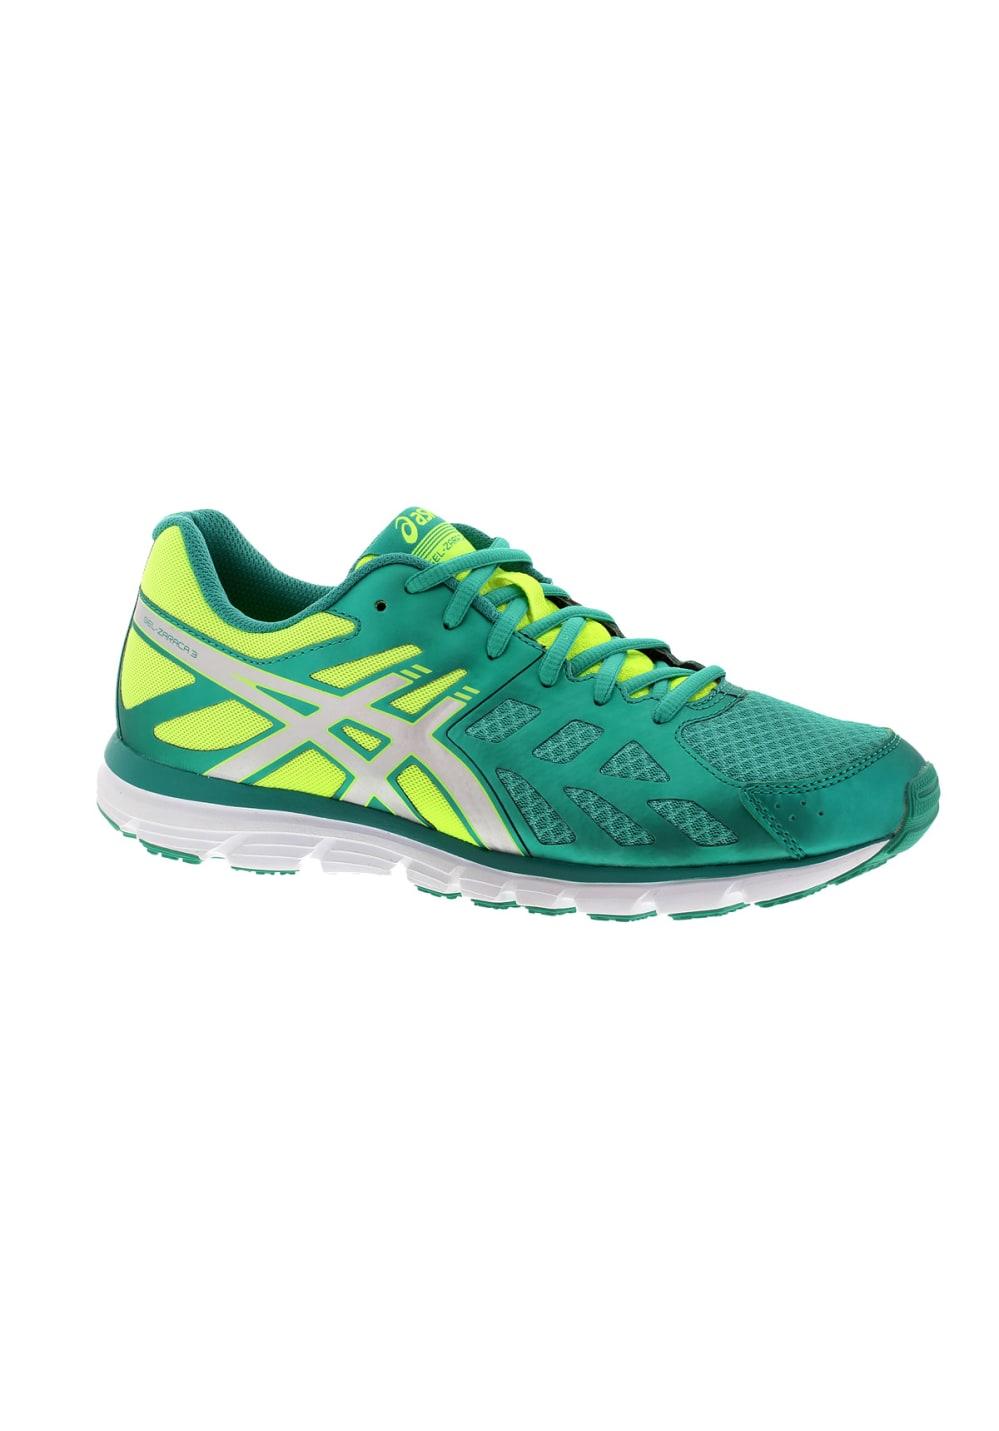 ASICS GEL-Zaraca 3 - Laufschuhe für Damen - Grün